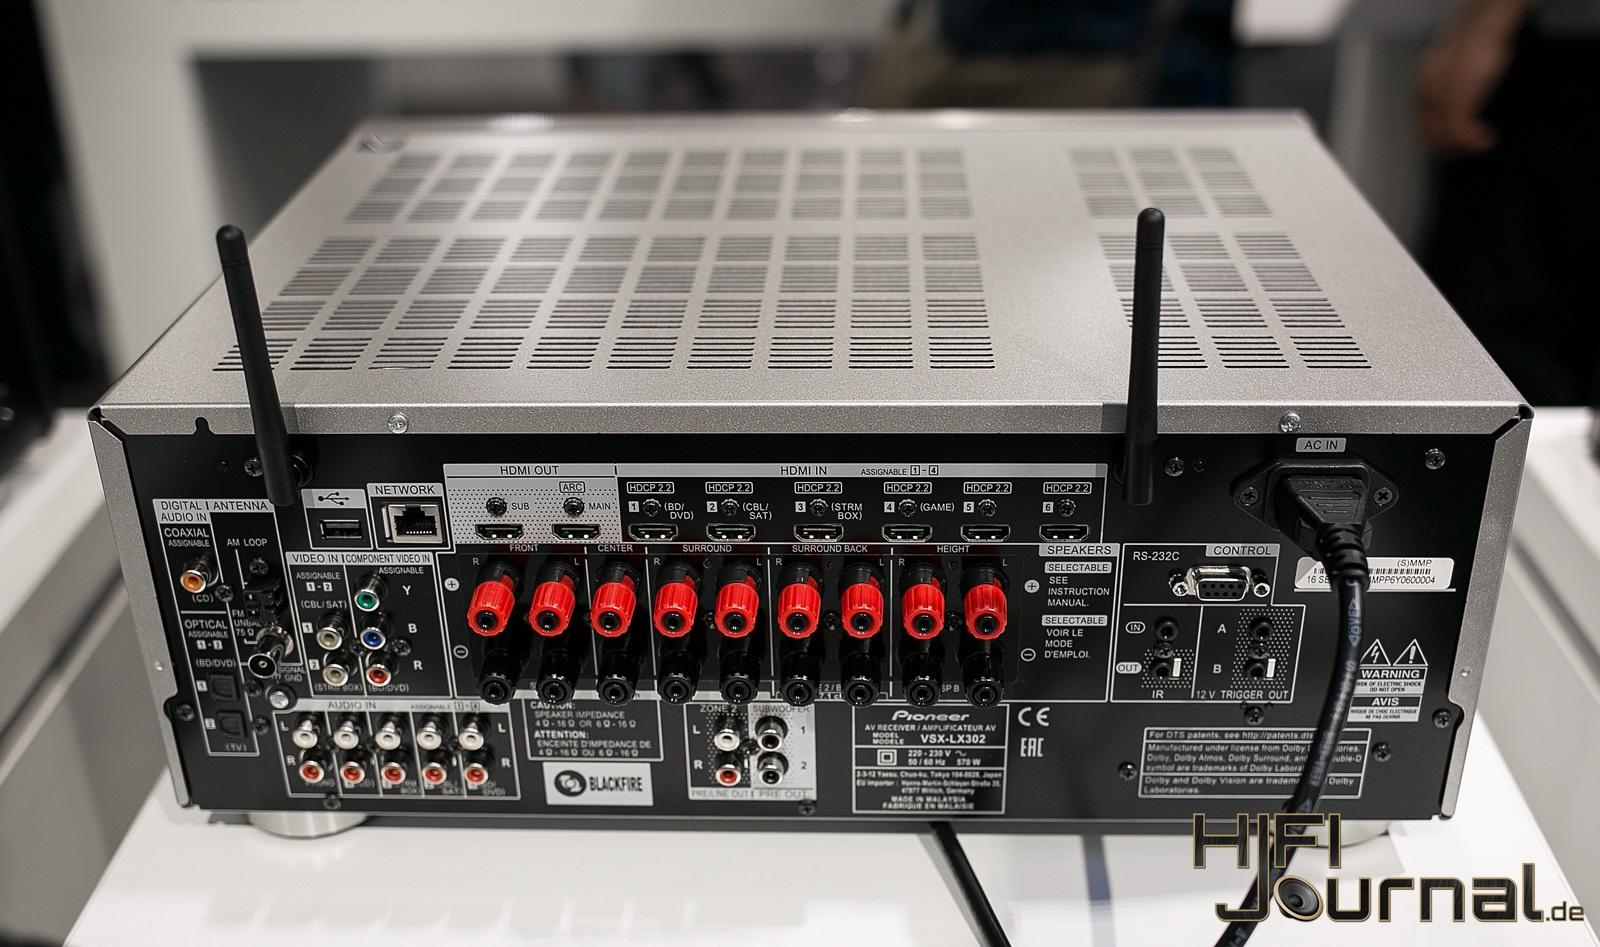 pioneer elite vsx lx301 manual